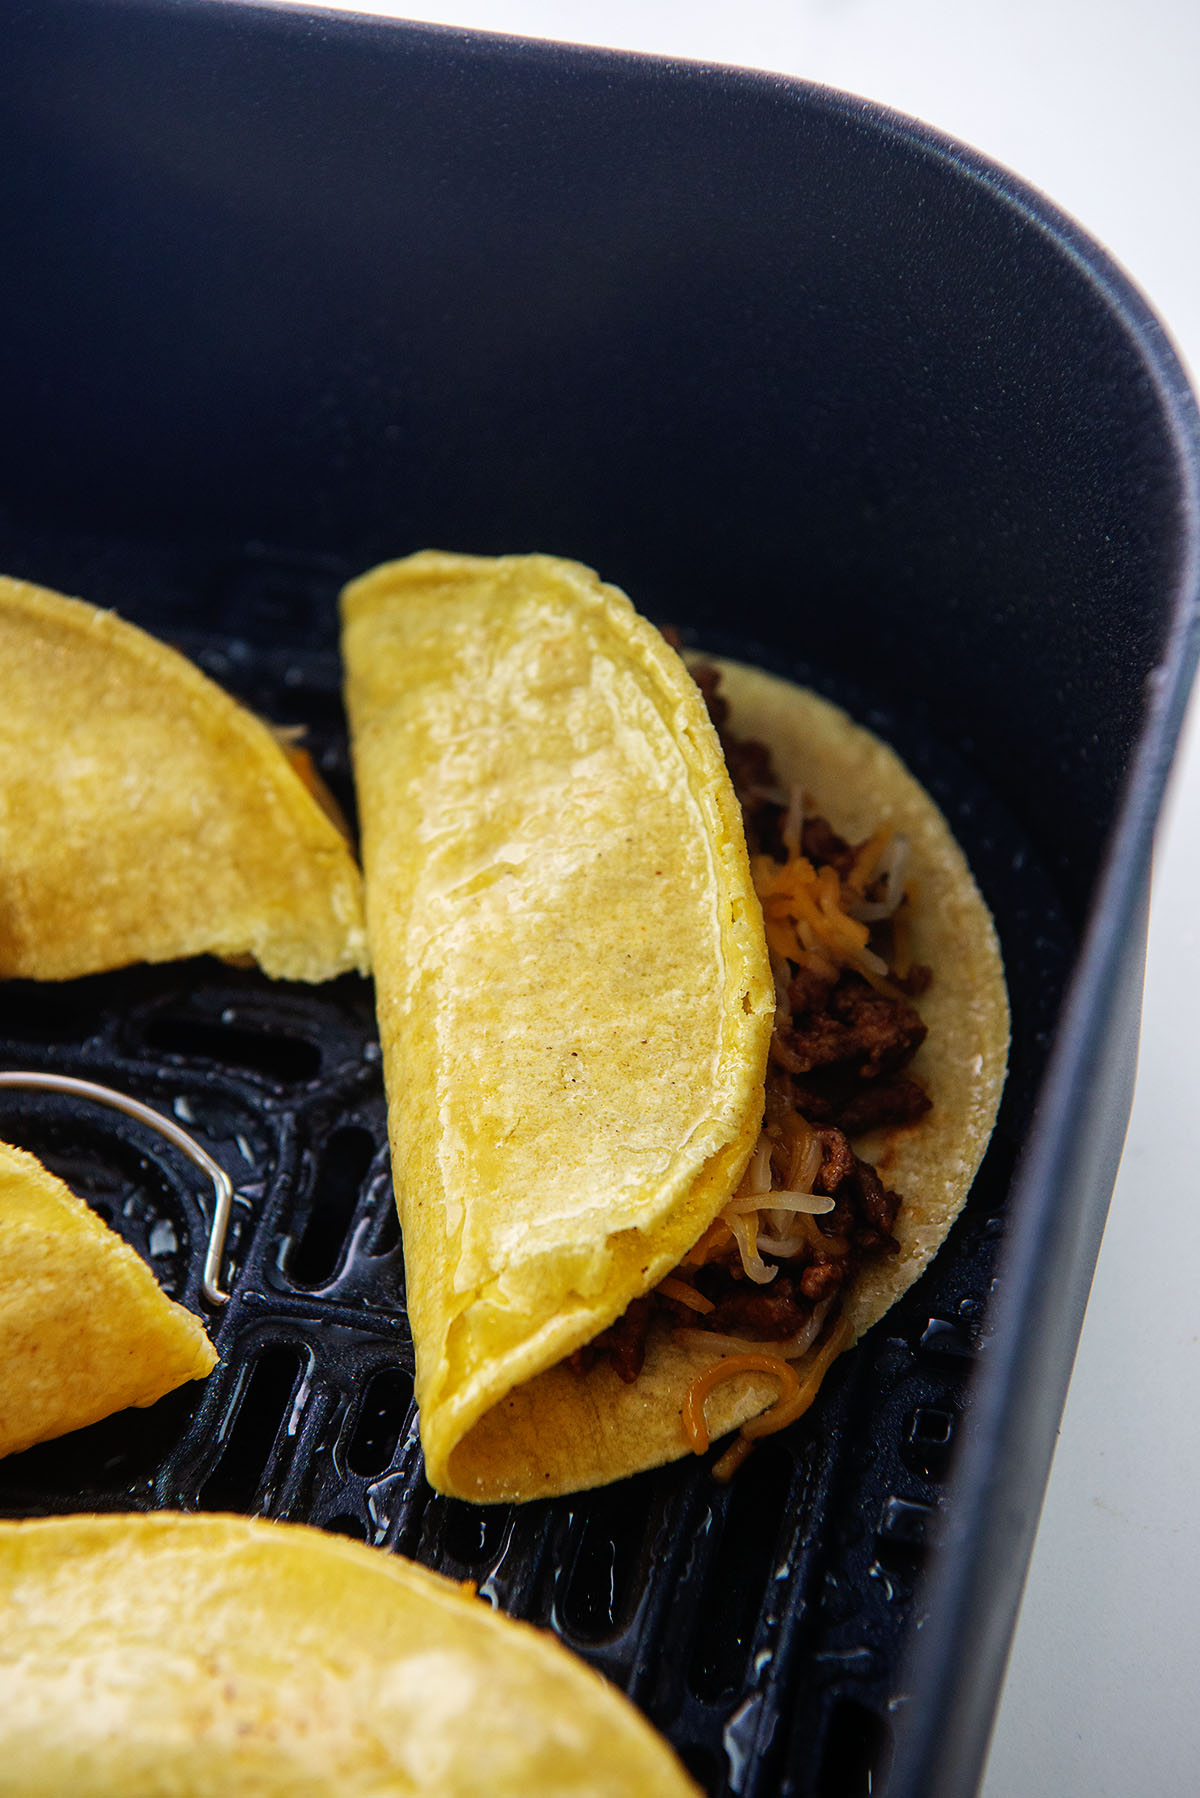 A fried taco in an an air fryer basket